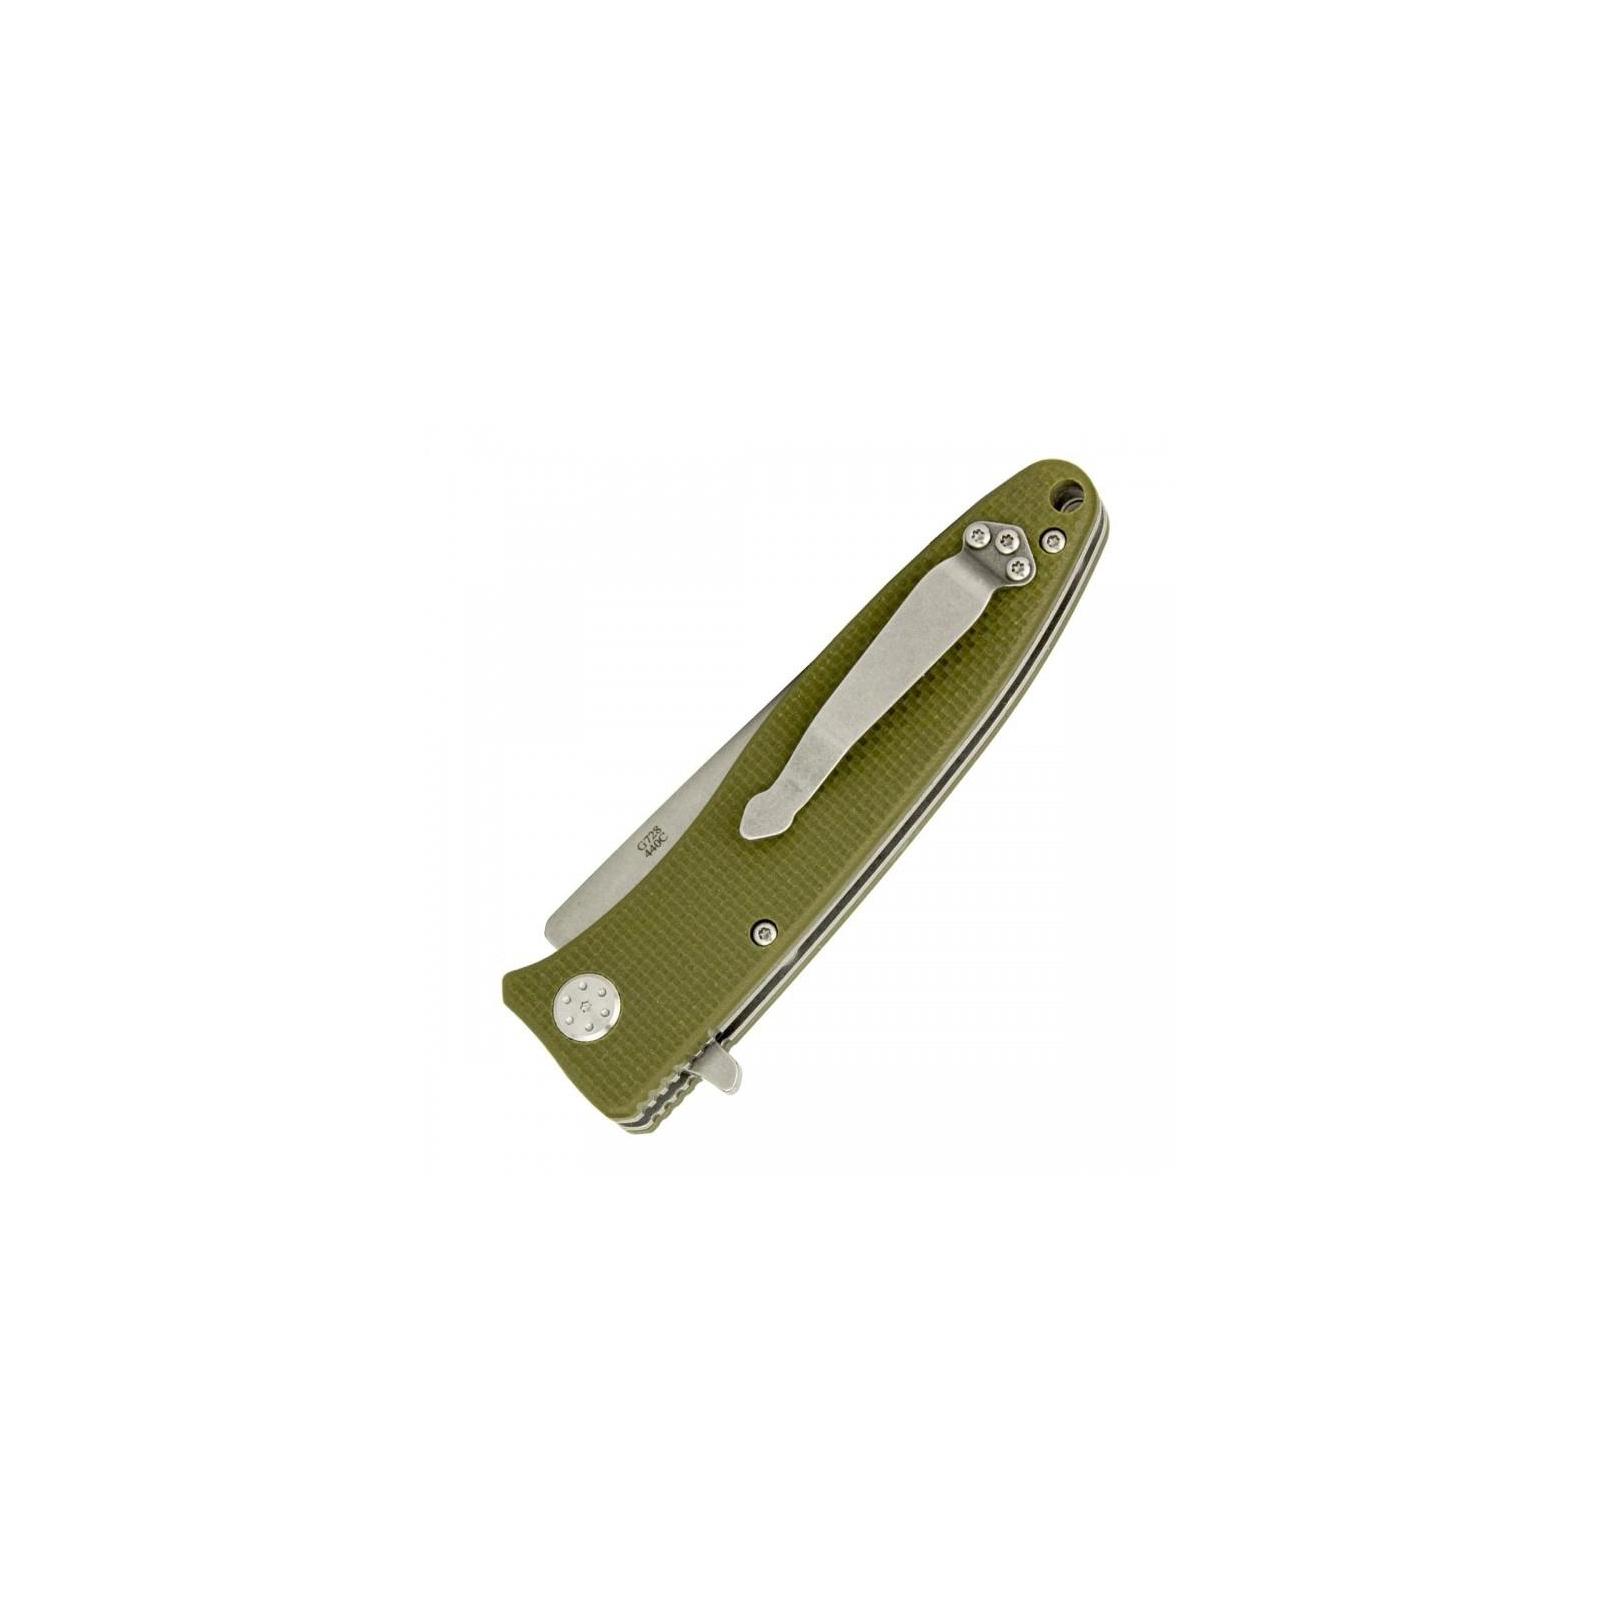 Нож Ganzo G728-OR, оранжевый (G728-OR) изображение 5